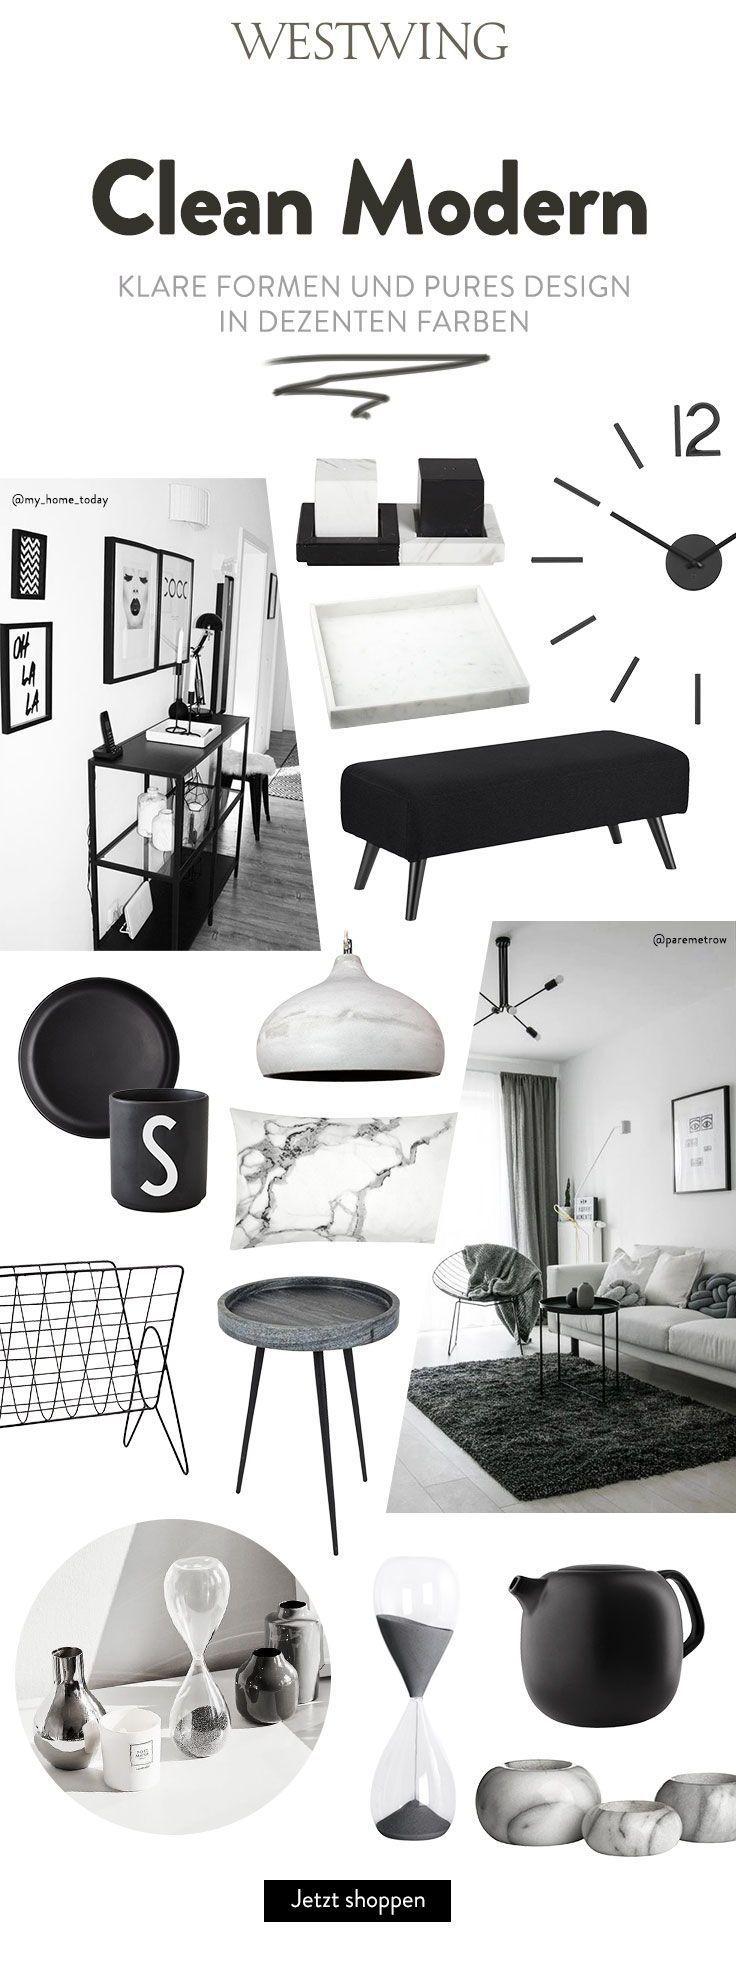 CLEAN MODERN – Klare Formen und pures Design in Dezenten Farben! Mit diesen Inte